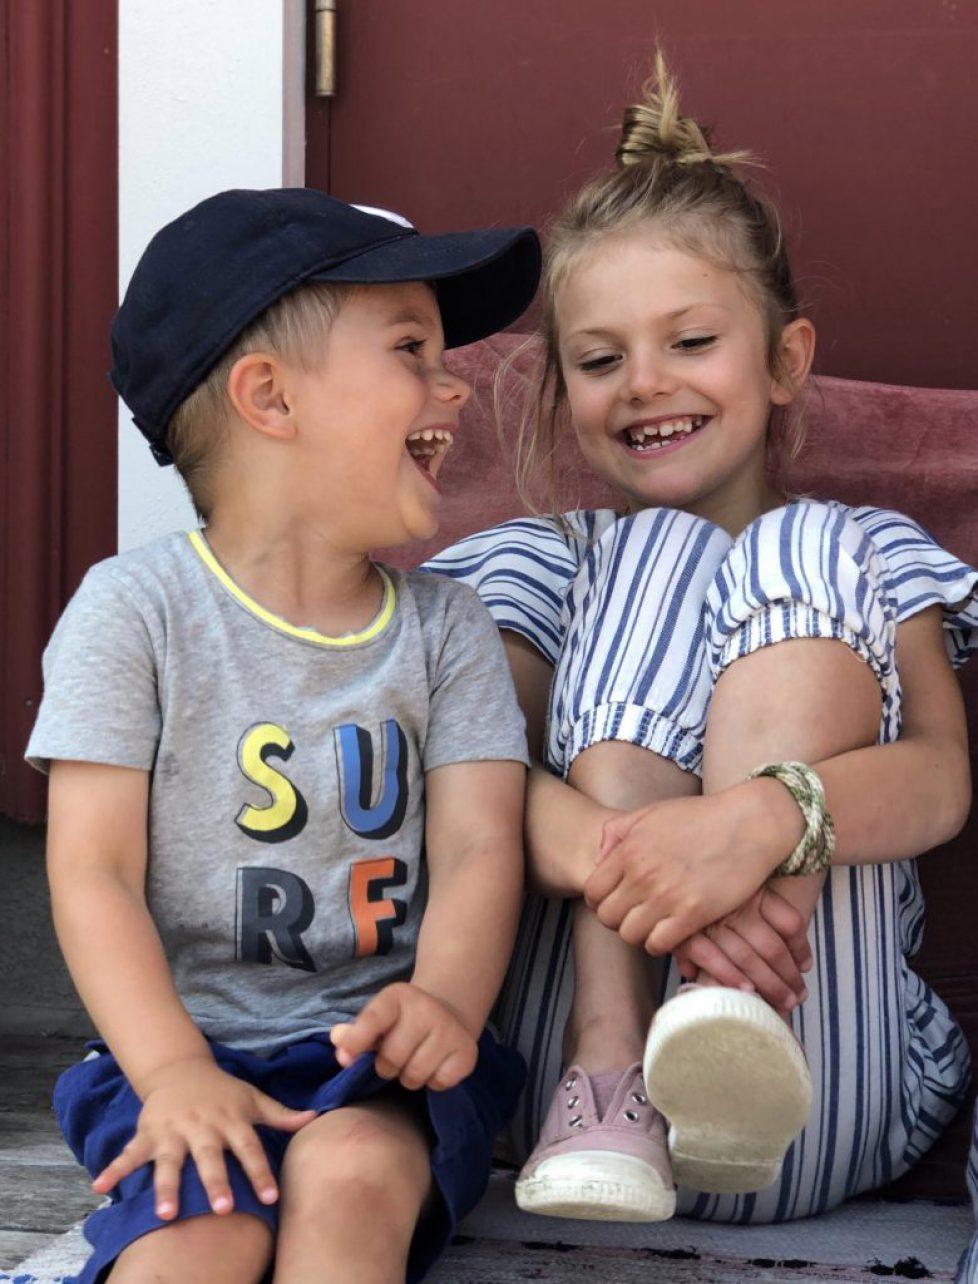 Prinsessan Estelle och Prins Oscar fotograferade under Kronprinsessfamiljens semester tidigare i sommar. Bilderna är tagna på Västkusten samt Blå Jungfrun i Kalmarsund. Foto: H.K.H. Kronprinsessan.